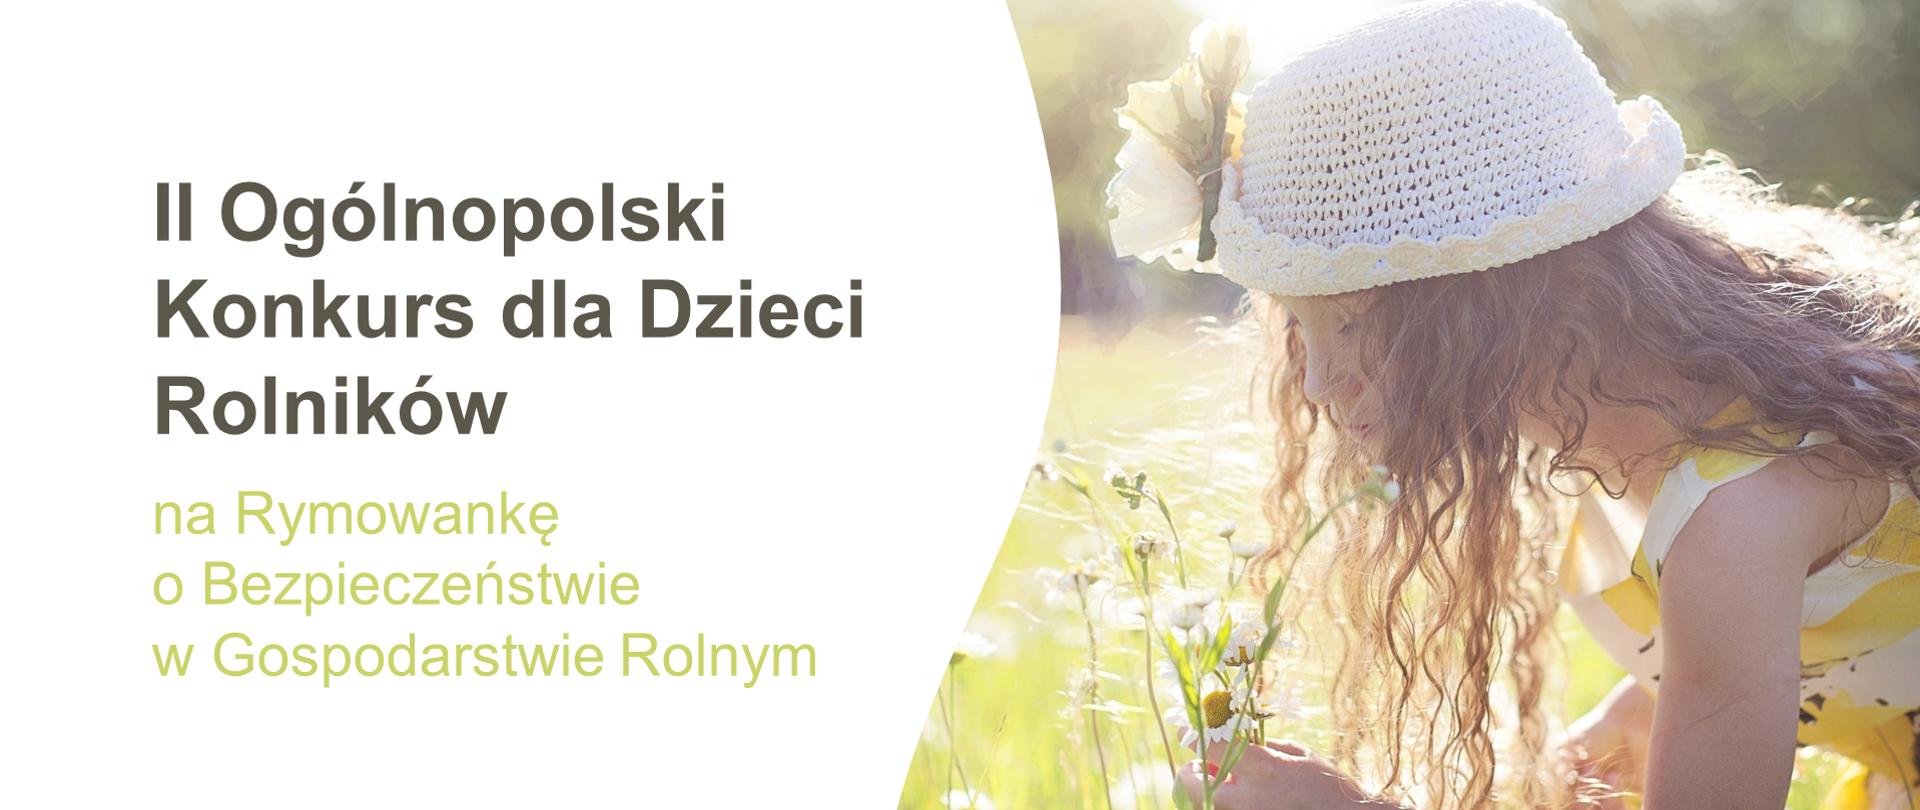 Grafika z dziewczynką zrywającą kwiaty. Obok tekst: II Ogólnopolski Konkurs dla Dzieci Rolników na Rymowankę o Bezpieczeństwie w Gospodarstwie Rolnym.